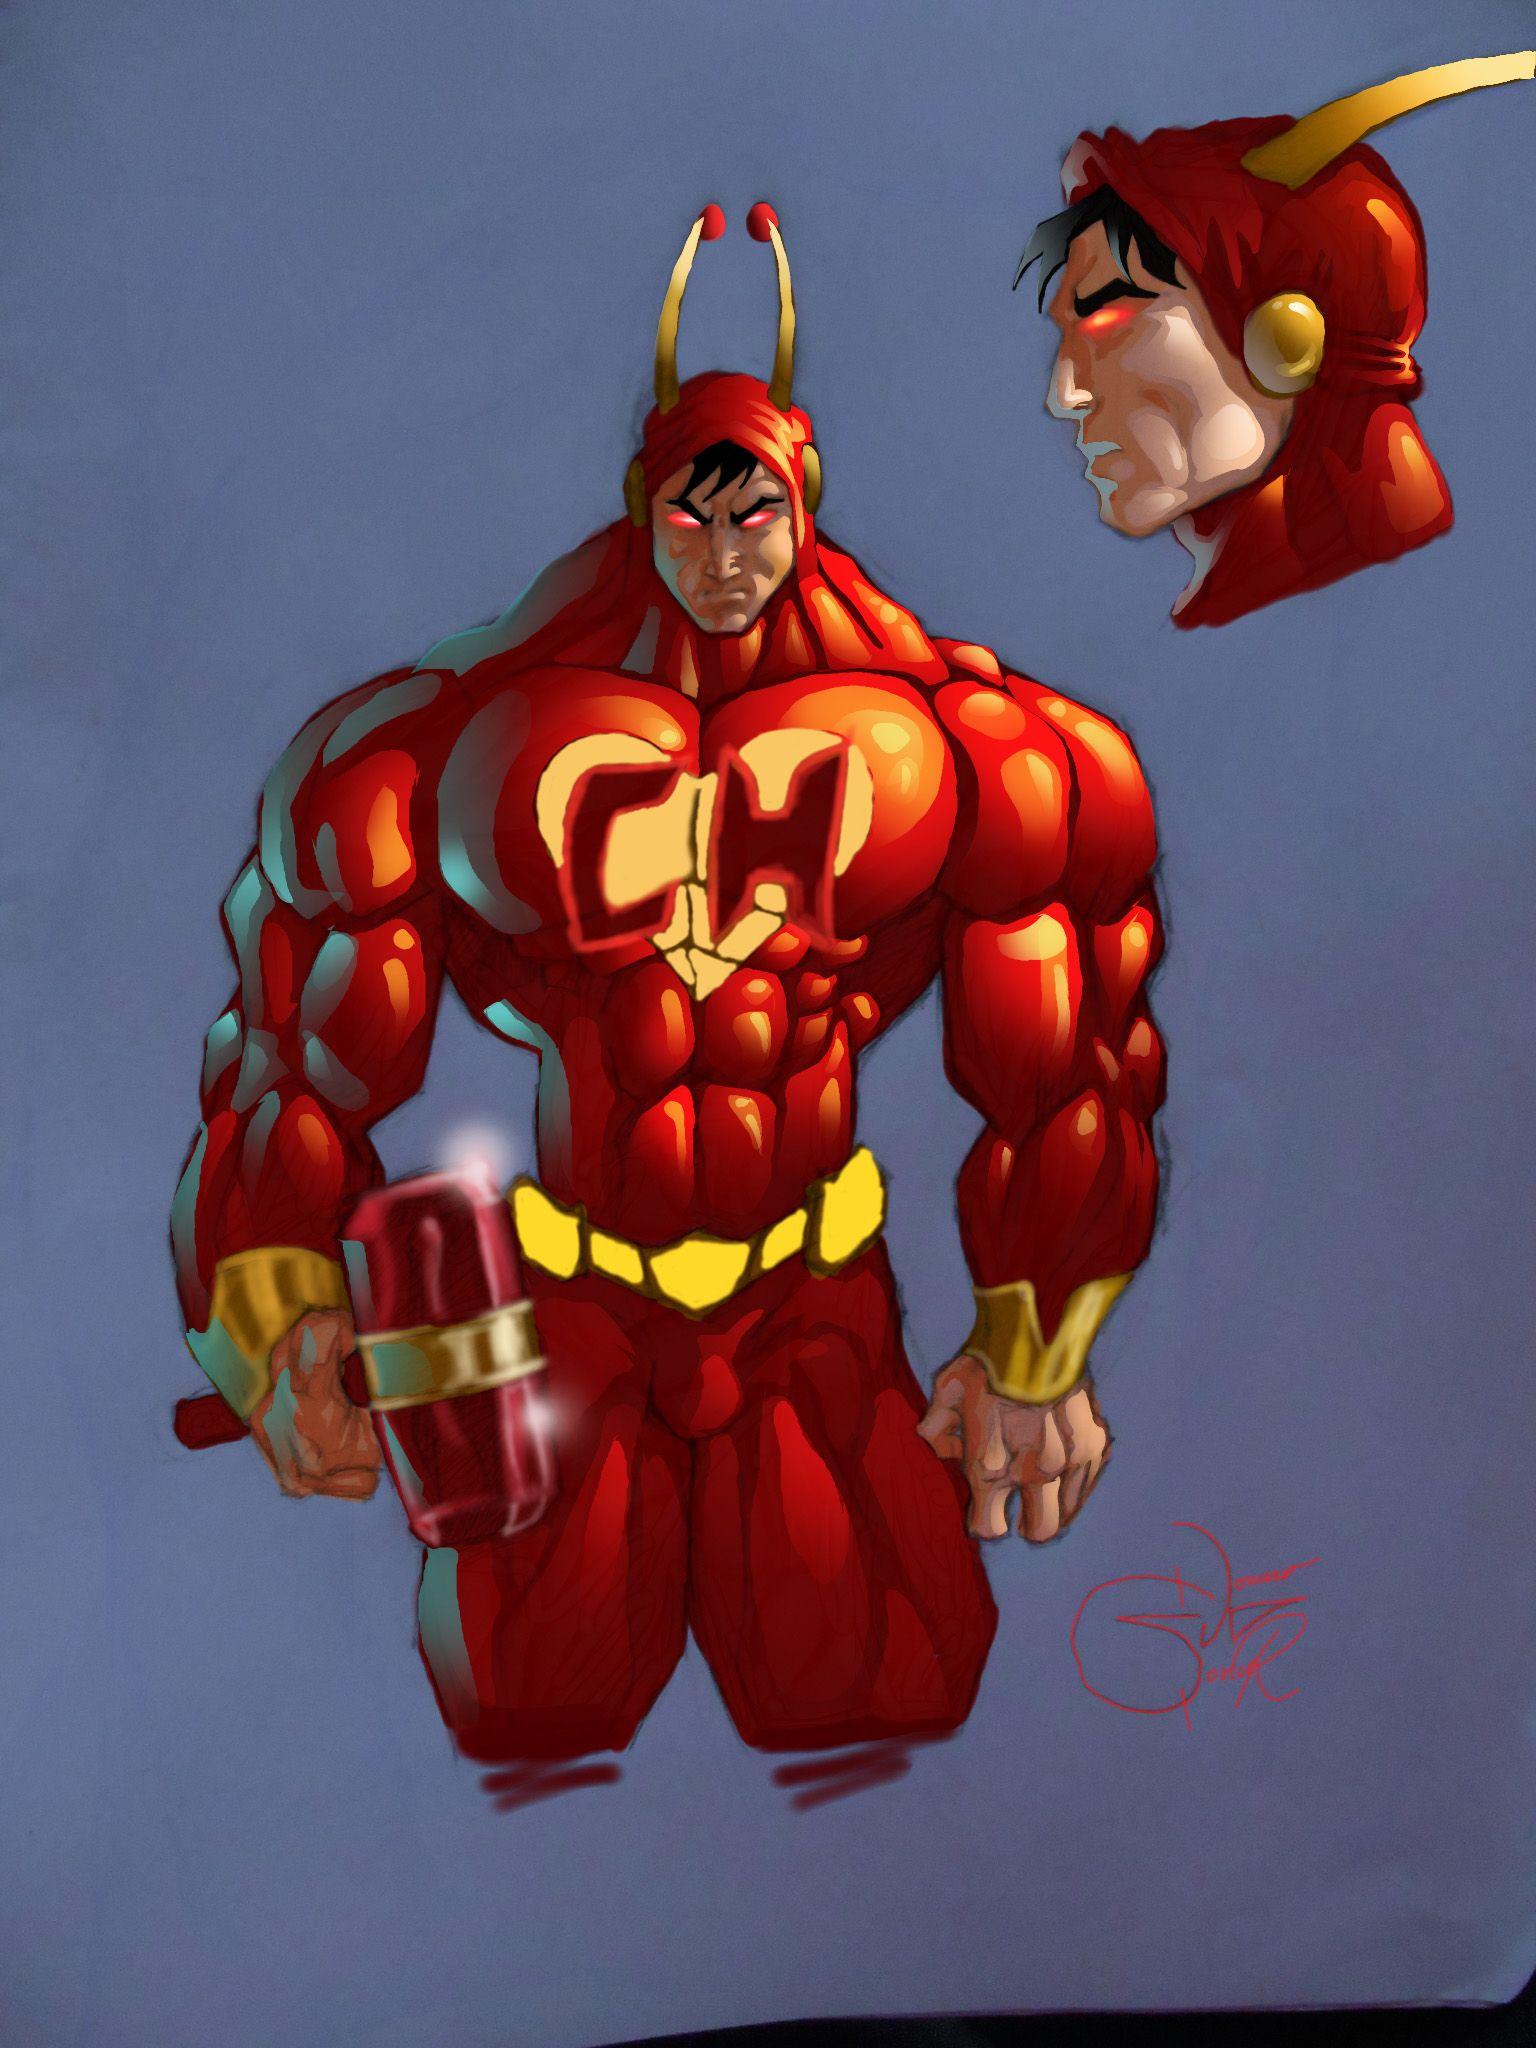 el super heroe mexicano el chapulin colorado elaborado por salvador homero  ponce rincon   Chapolin, Personagens clássicos de desenhos animados,  Chapolim colorado